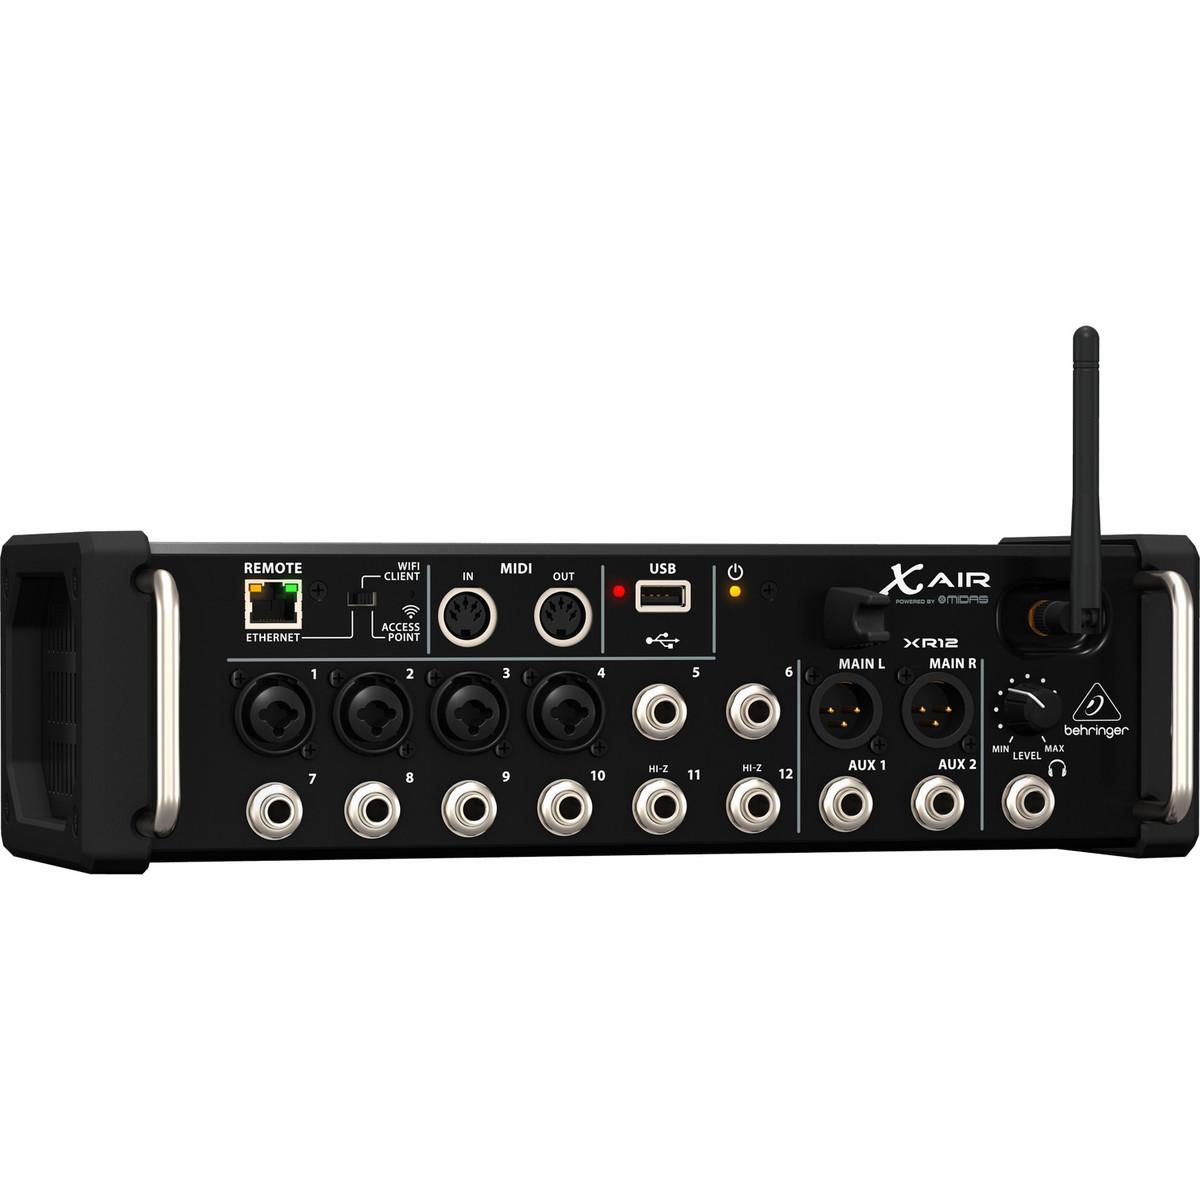 Behringer x air xr12 12 canaux console de mixage num rique bo te ouverte - Console numerique behringer ...